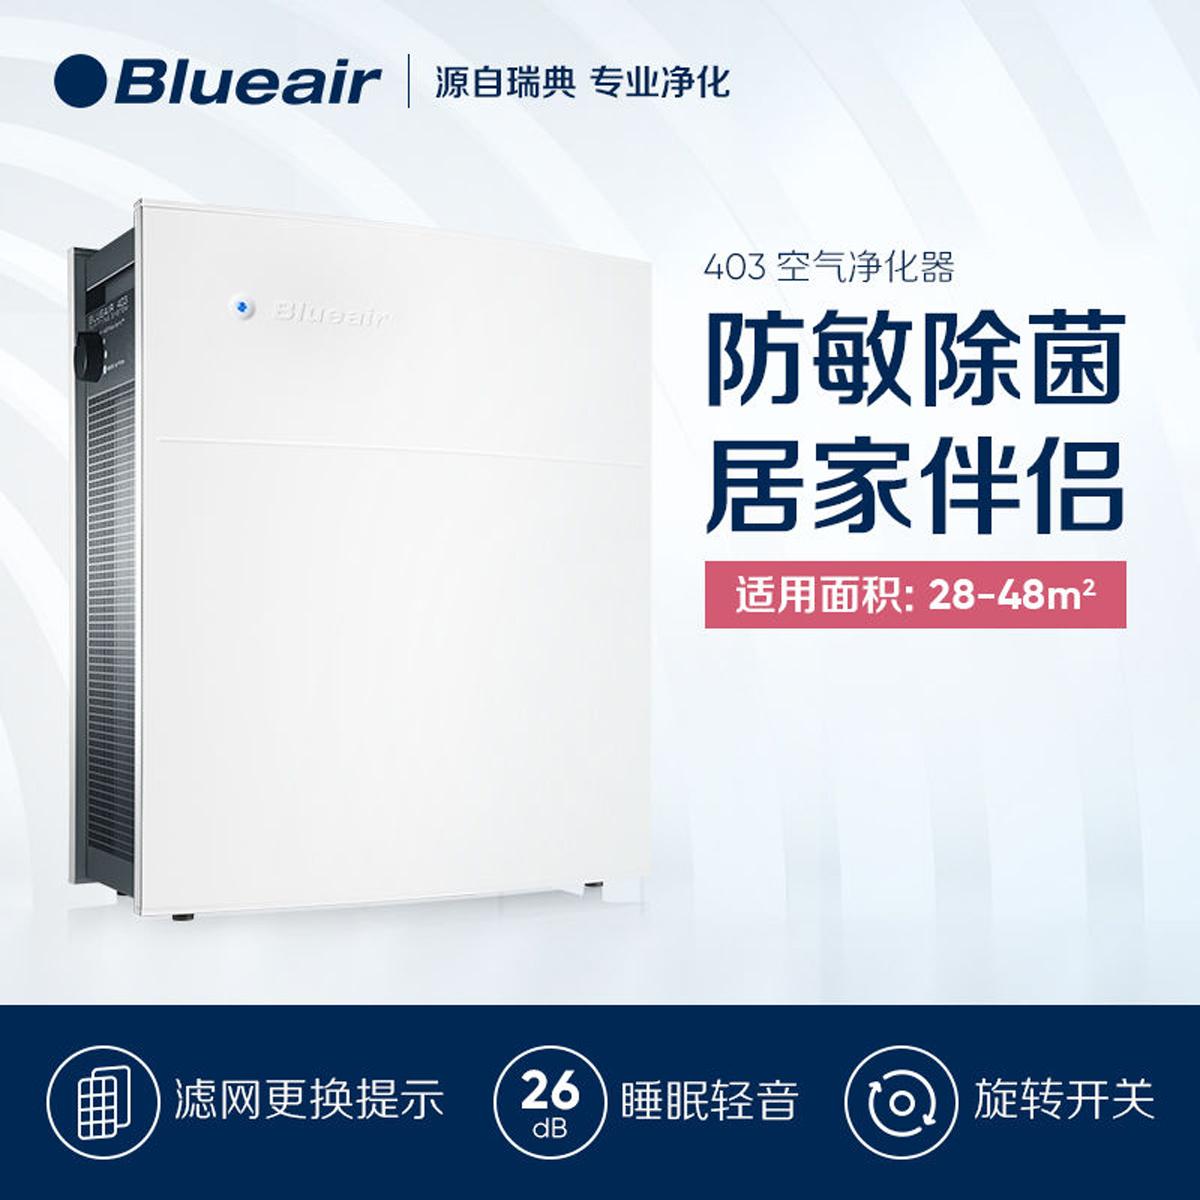 [合肥铭轩网络环保空气净化,氧吧]Blueair/布鲁雅尔空气净化器 月销量0件仅售500元